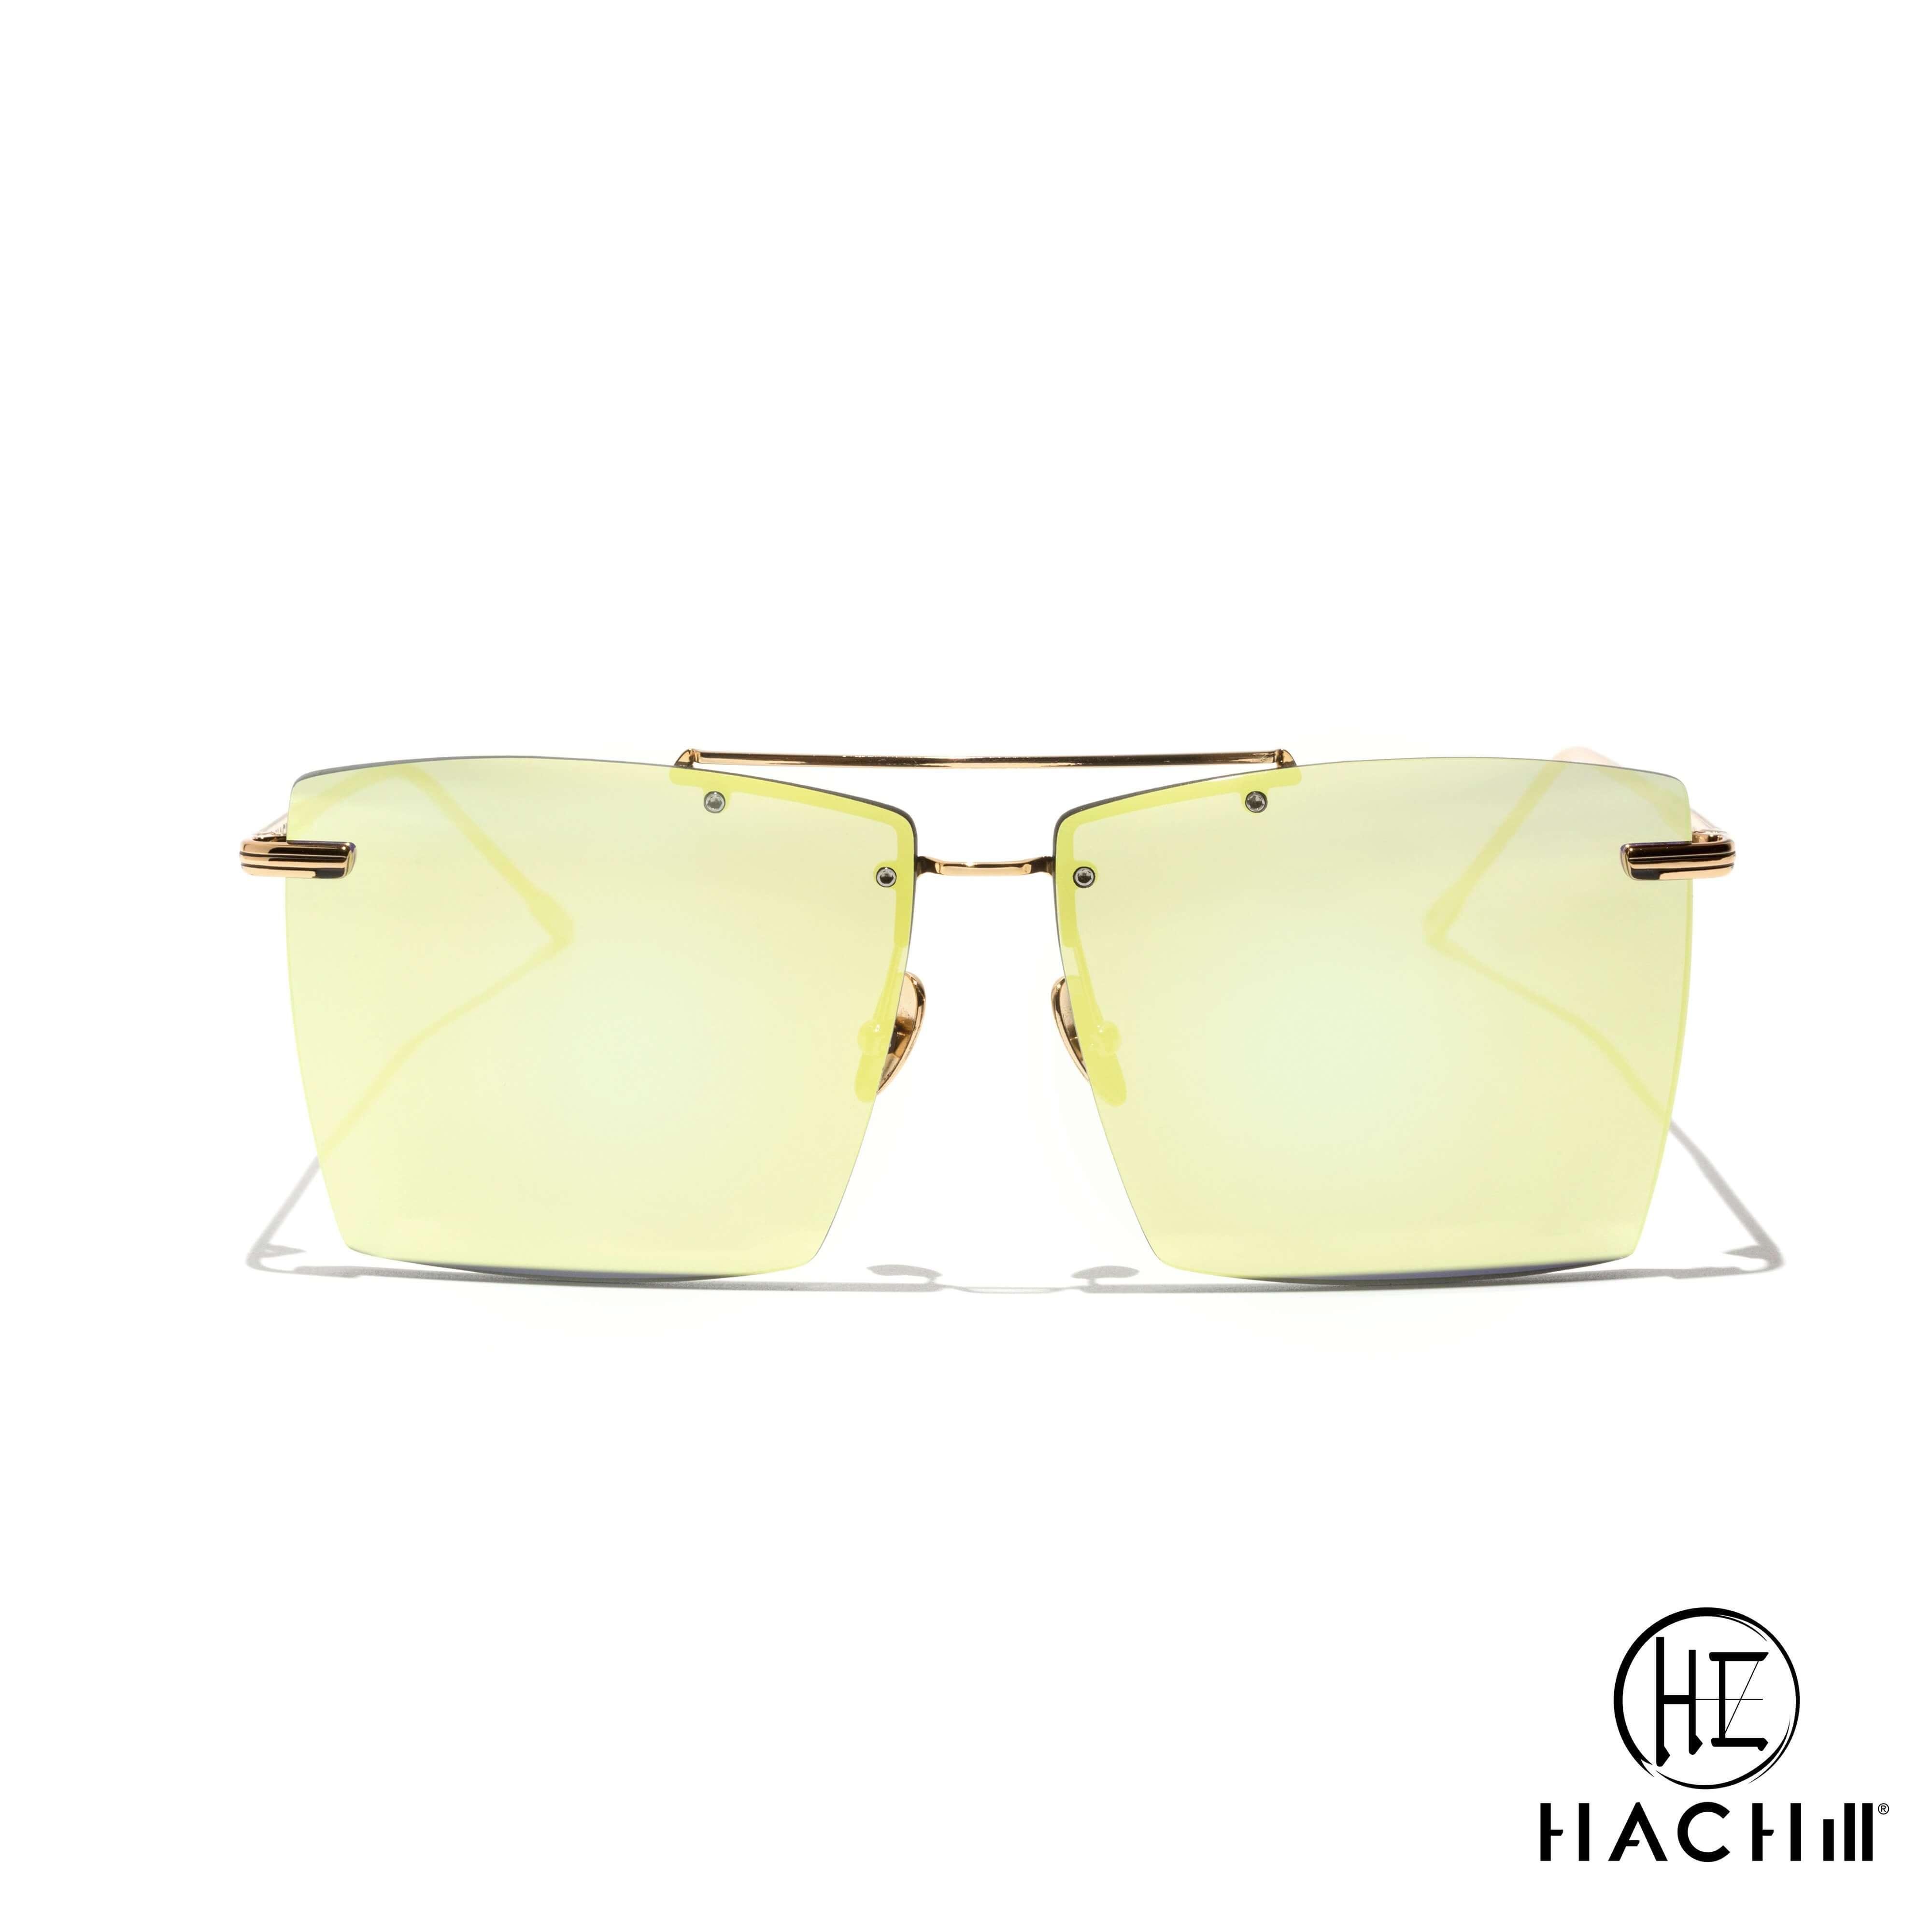 Hachill 太阳眼镜 HC8286S-C2 啡色